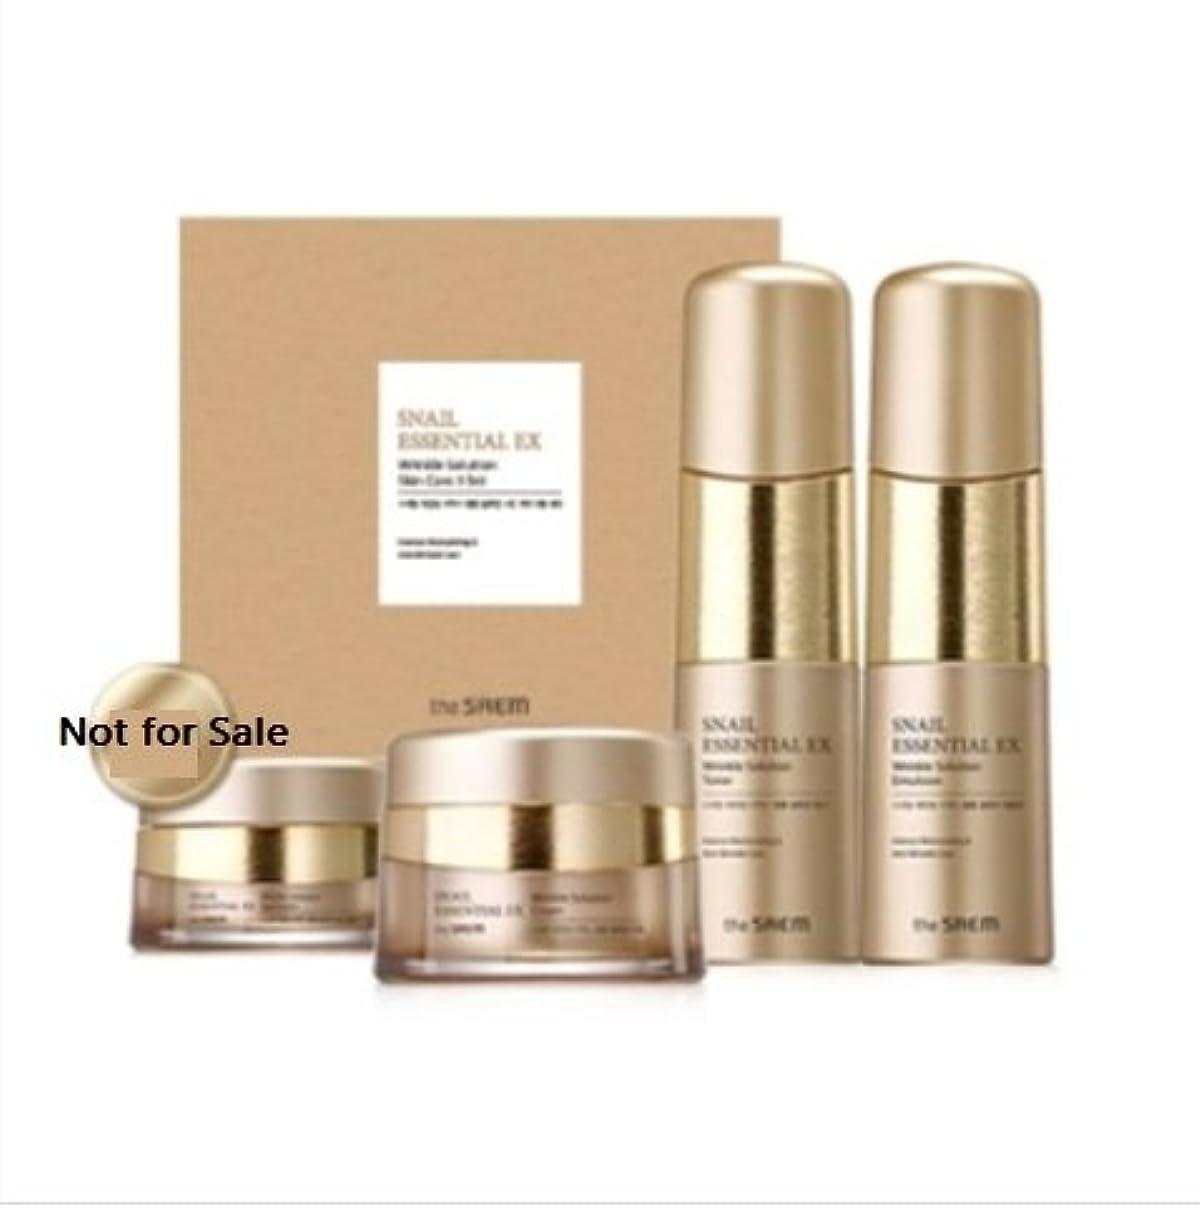 経験的ガウンつぶやき[ザセム] The Saem [スネイル エッセンシャル EXリンクルソリューション スキンケア 3種セット] (Snail Essential EX-Wrinkle Solution Skin Care 3Set) [...